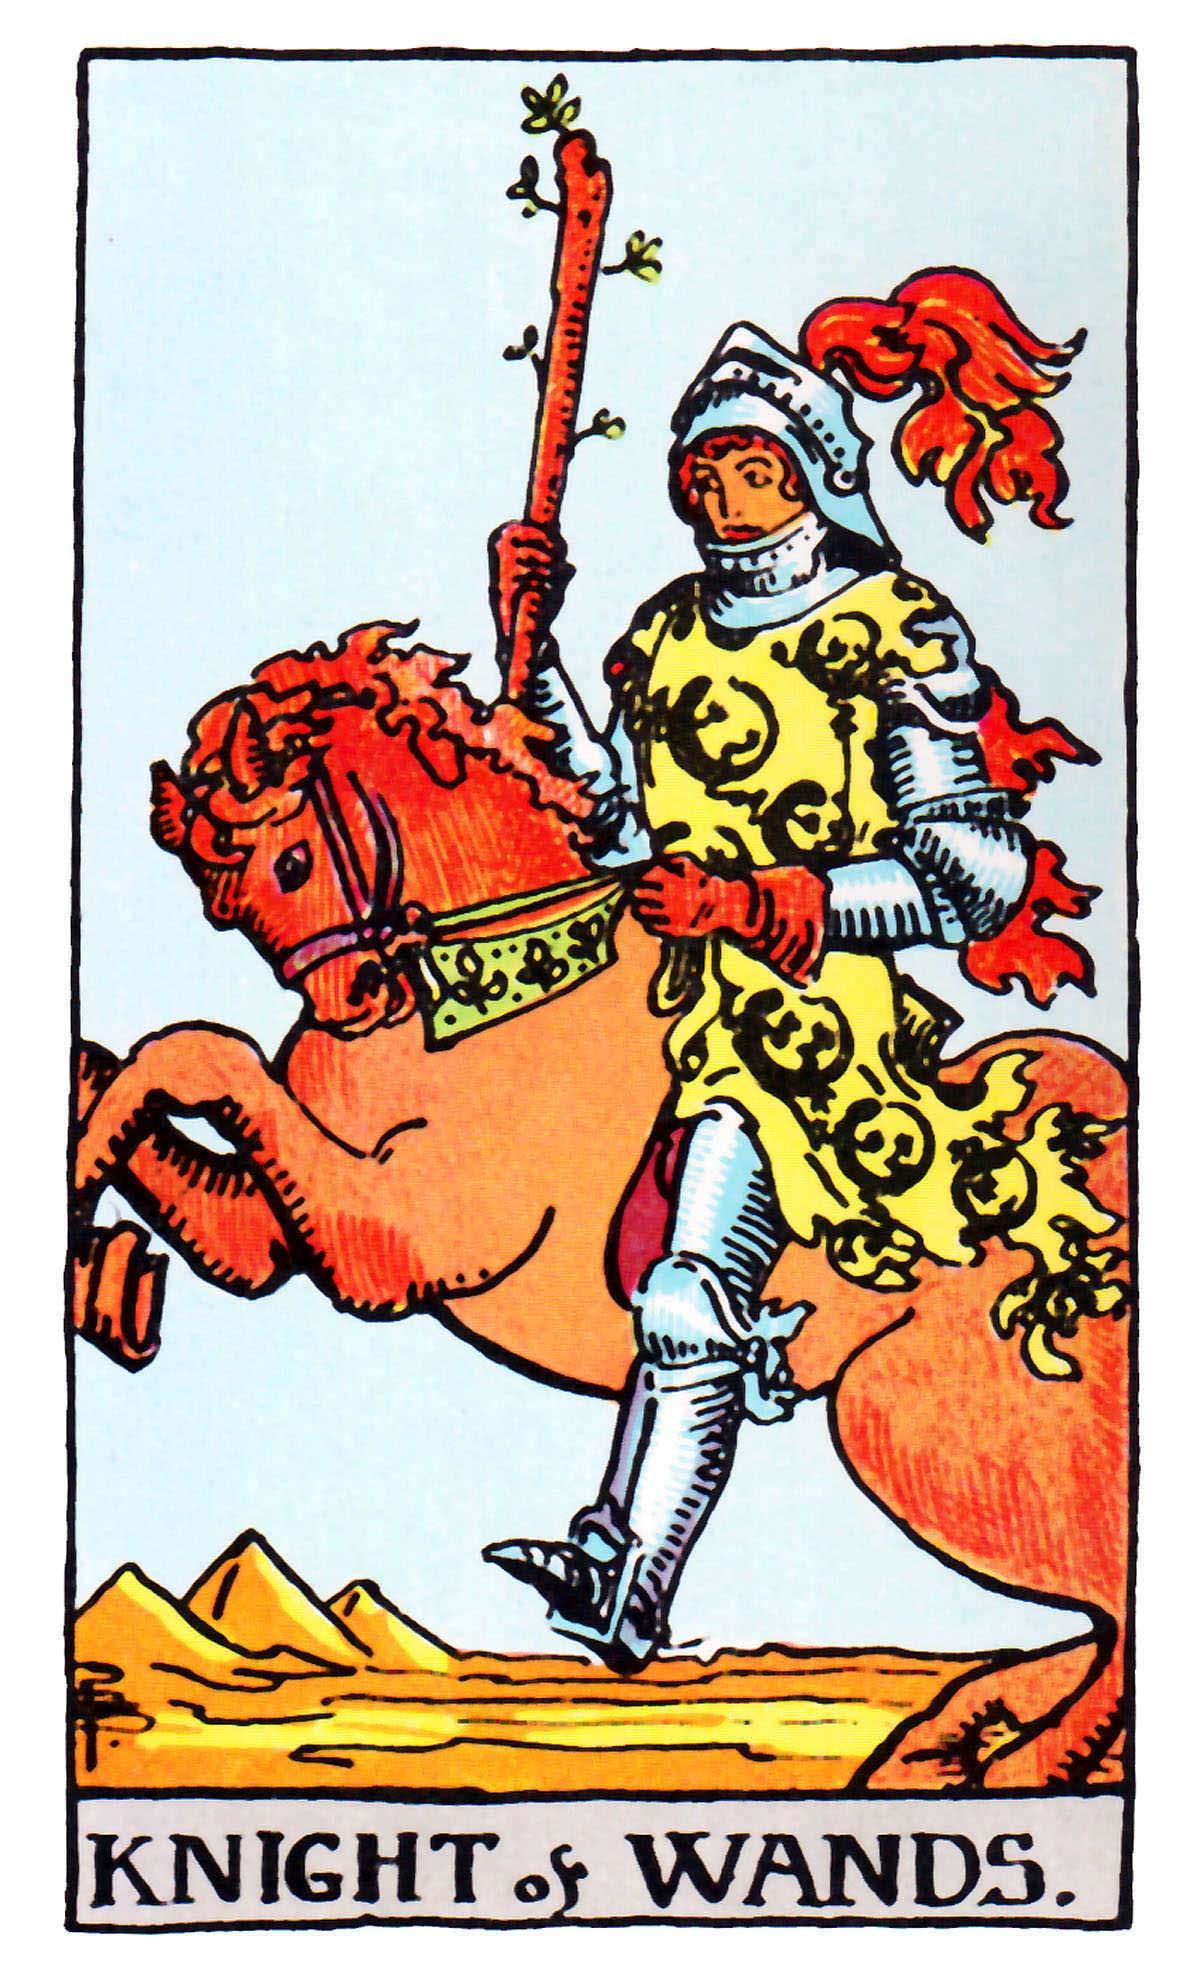 權杖騎士 Knight of Wands 塔羅牌牌意